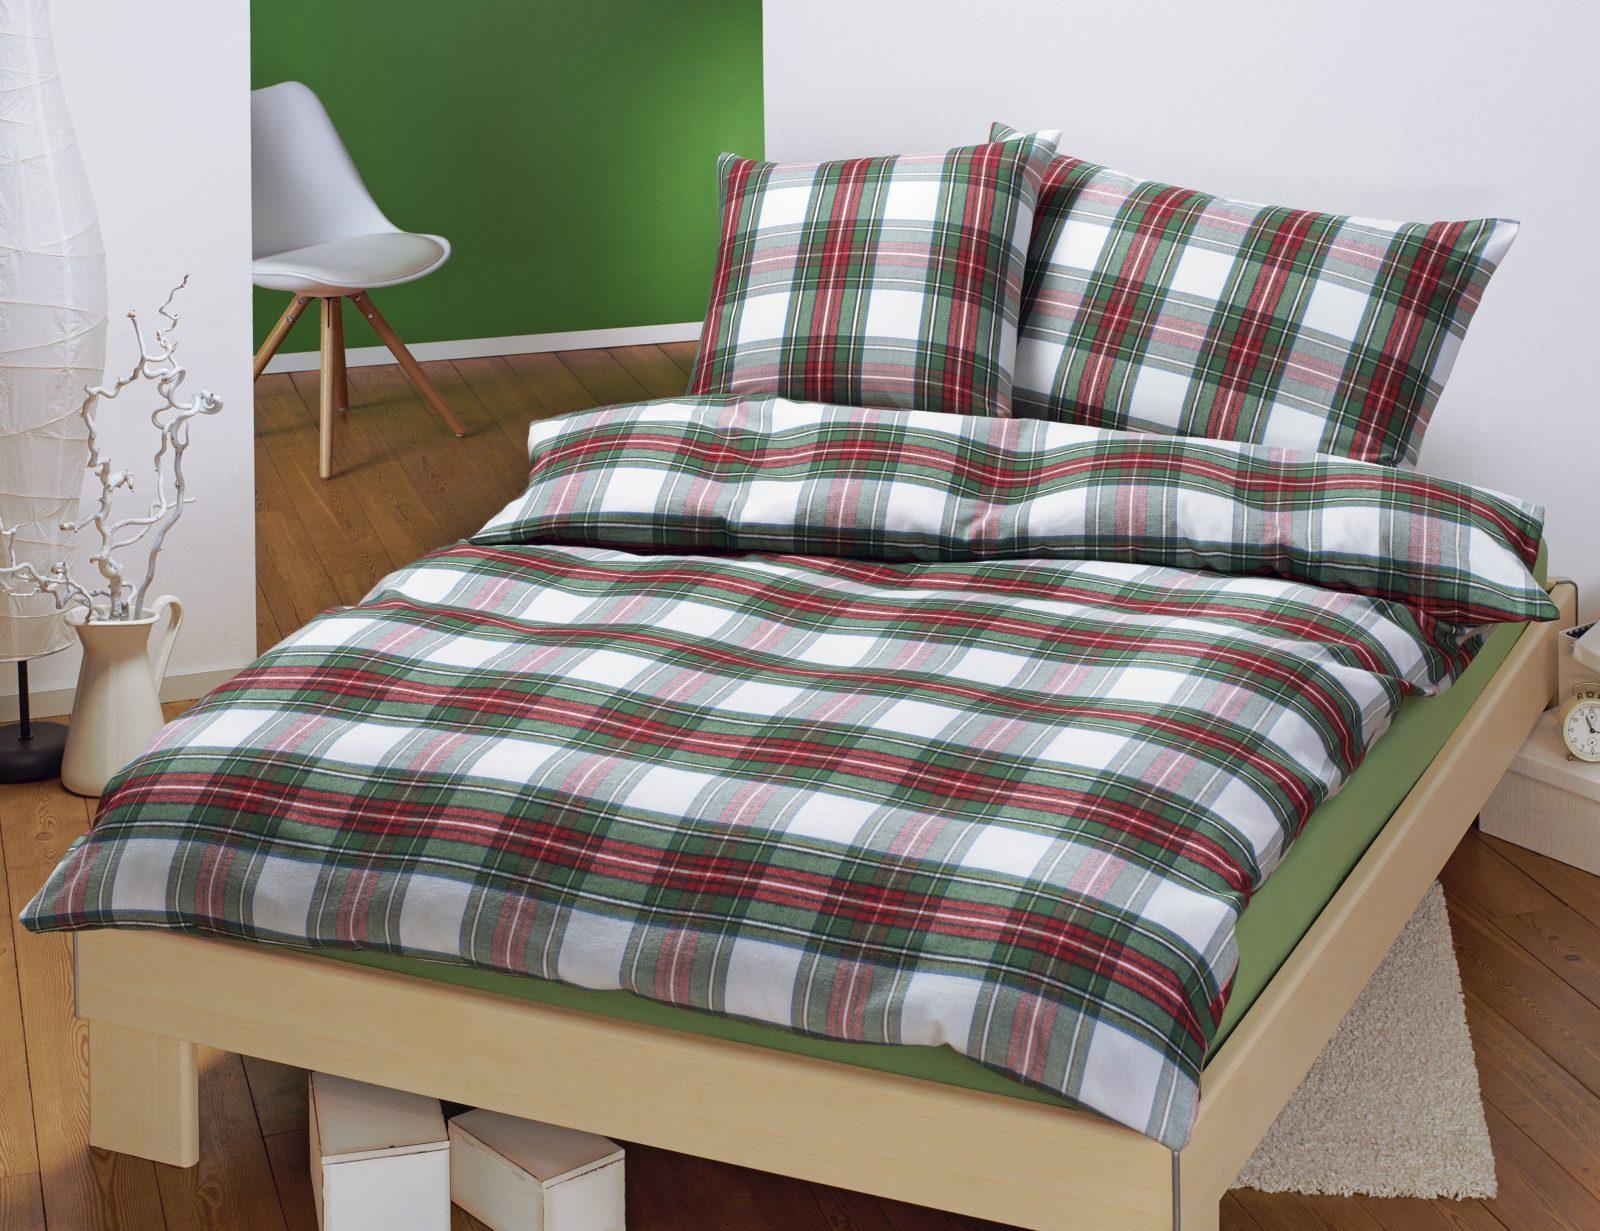 Bettwäsche Grün Kariert  Conferentieproeftuinen von Bettwäsche Grün Kariert Photo